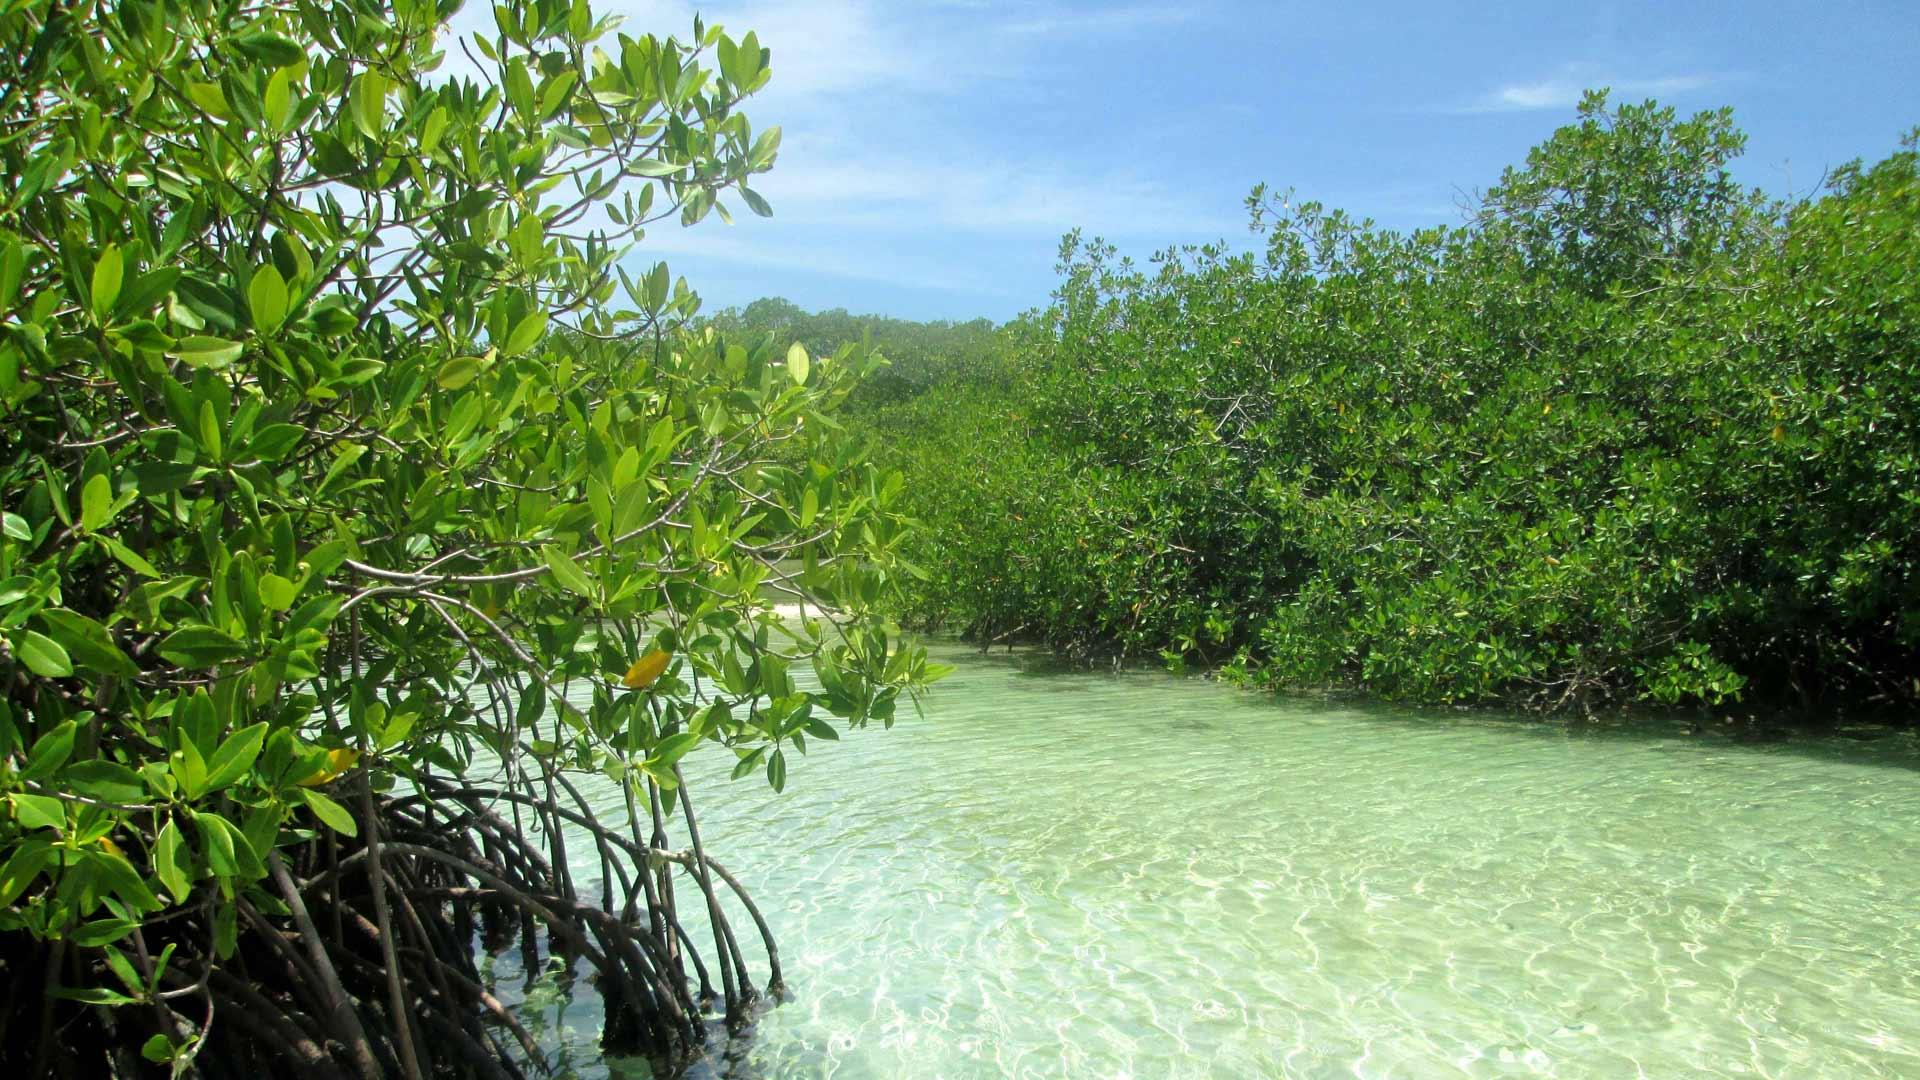 Según el Ministerio para Ecosocialismo y Aguas, el objetivo es sensibilizar y concienciar sobre su importancia en el ecosistema